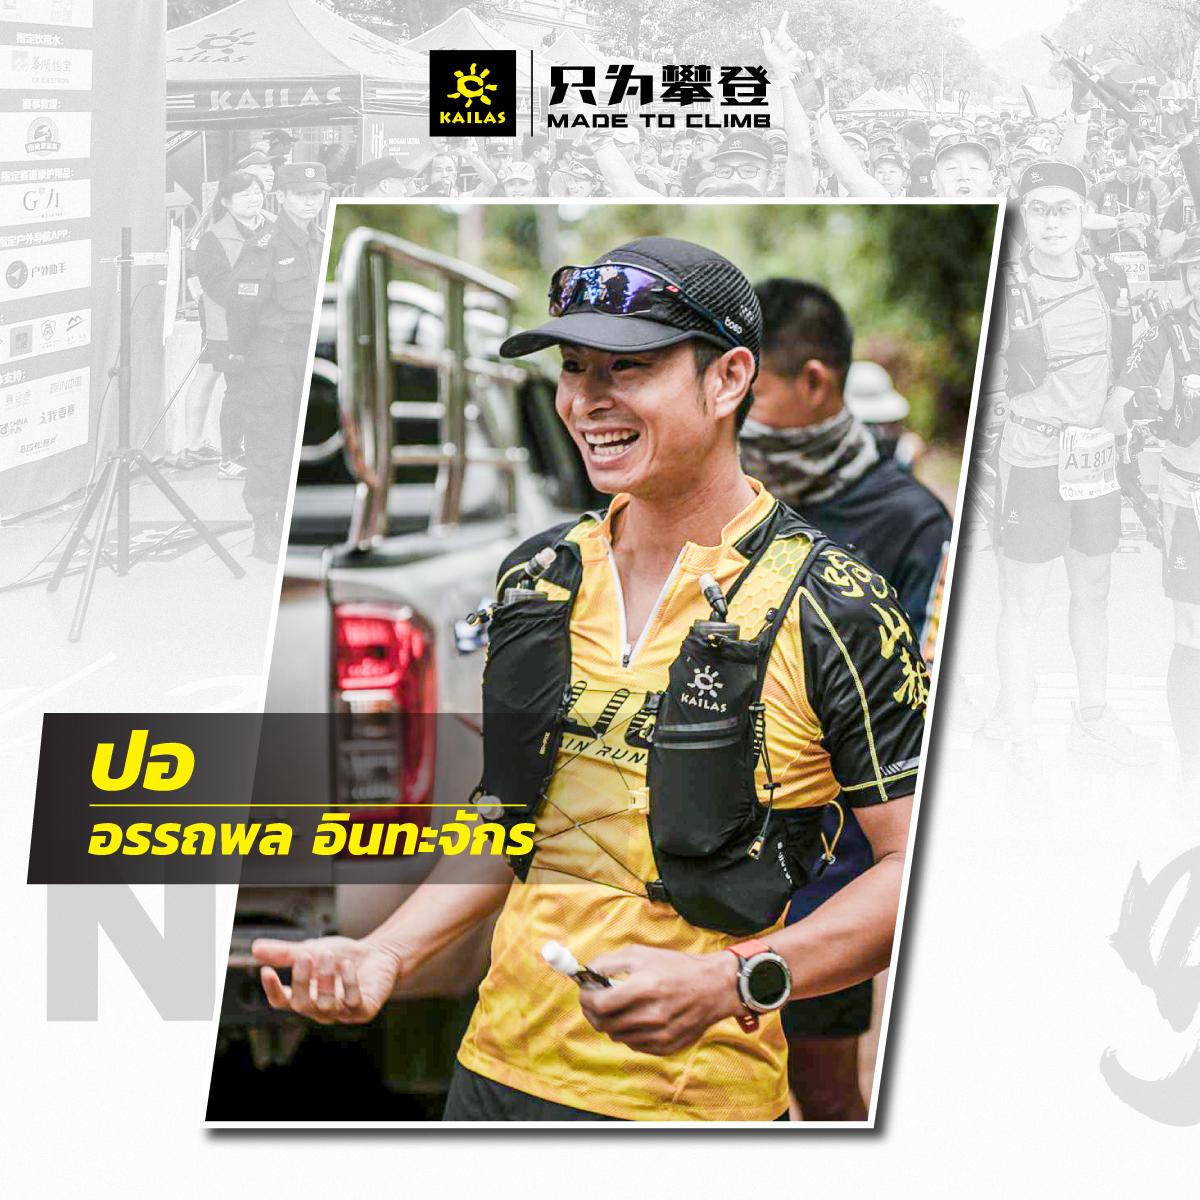 Kailas Trail Running Team